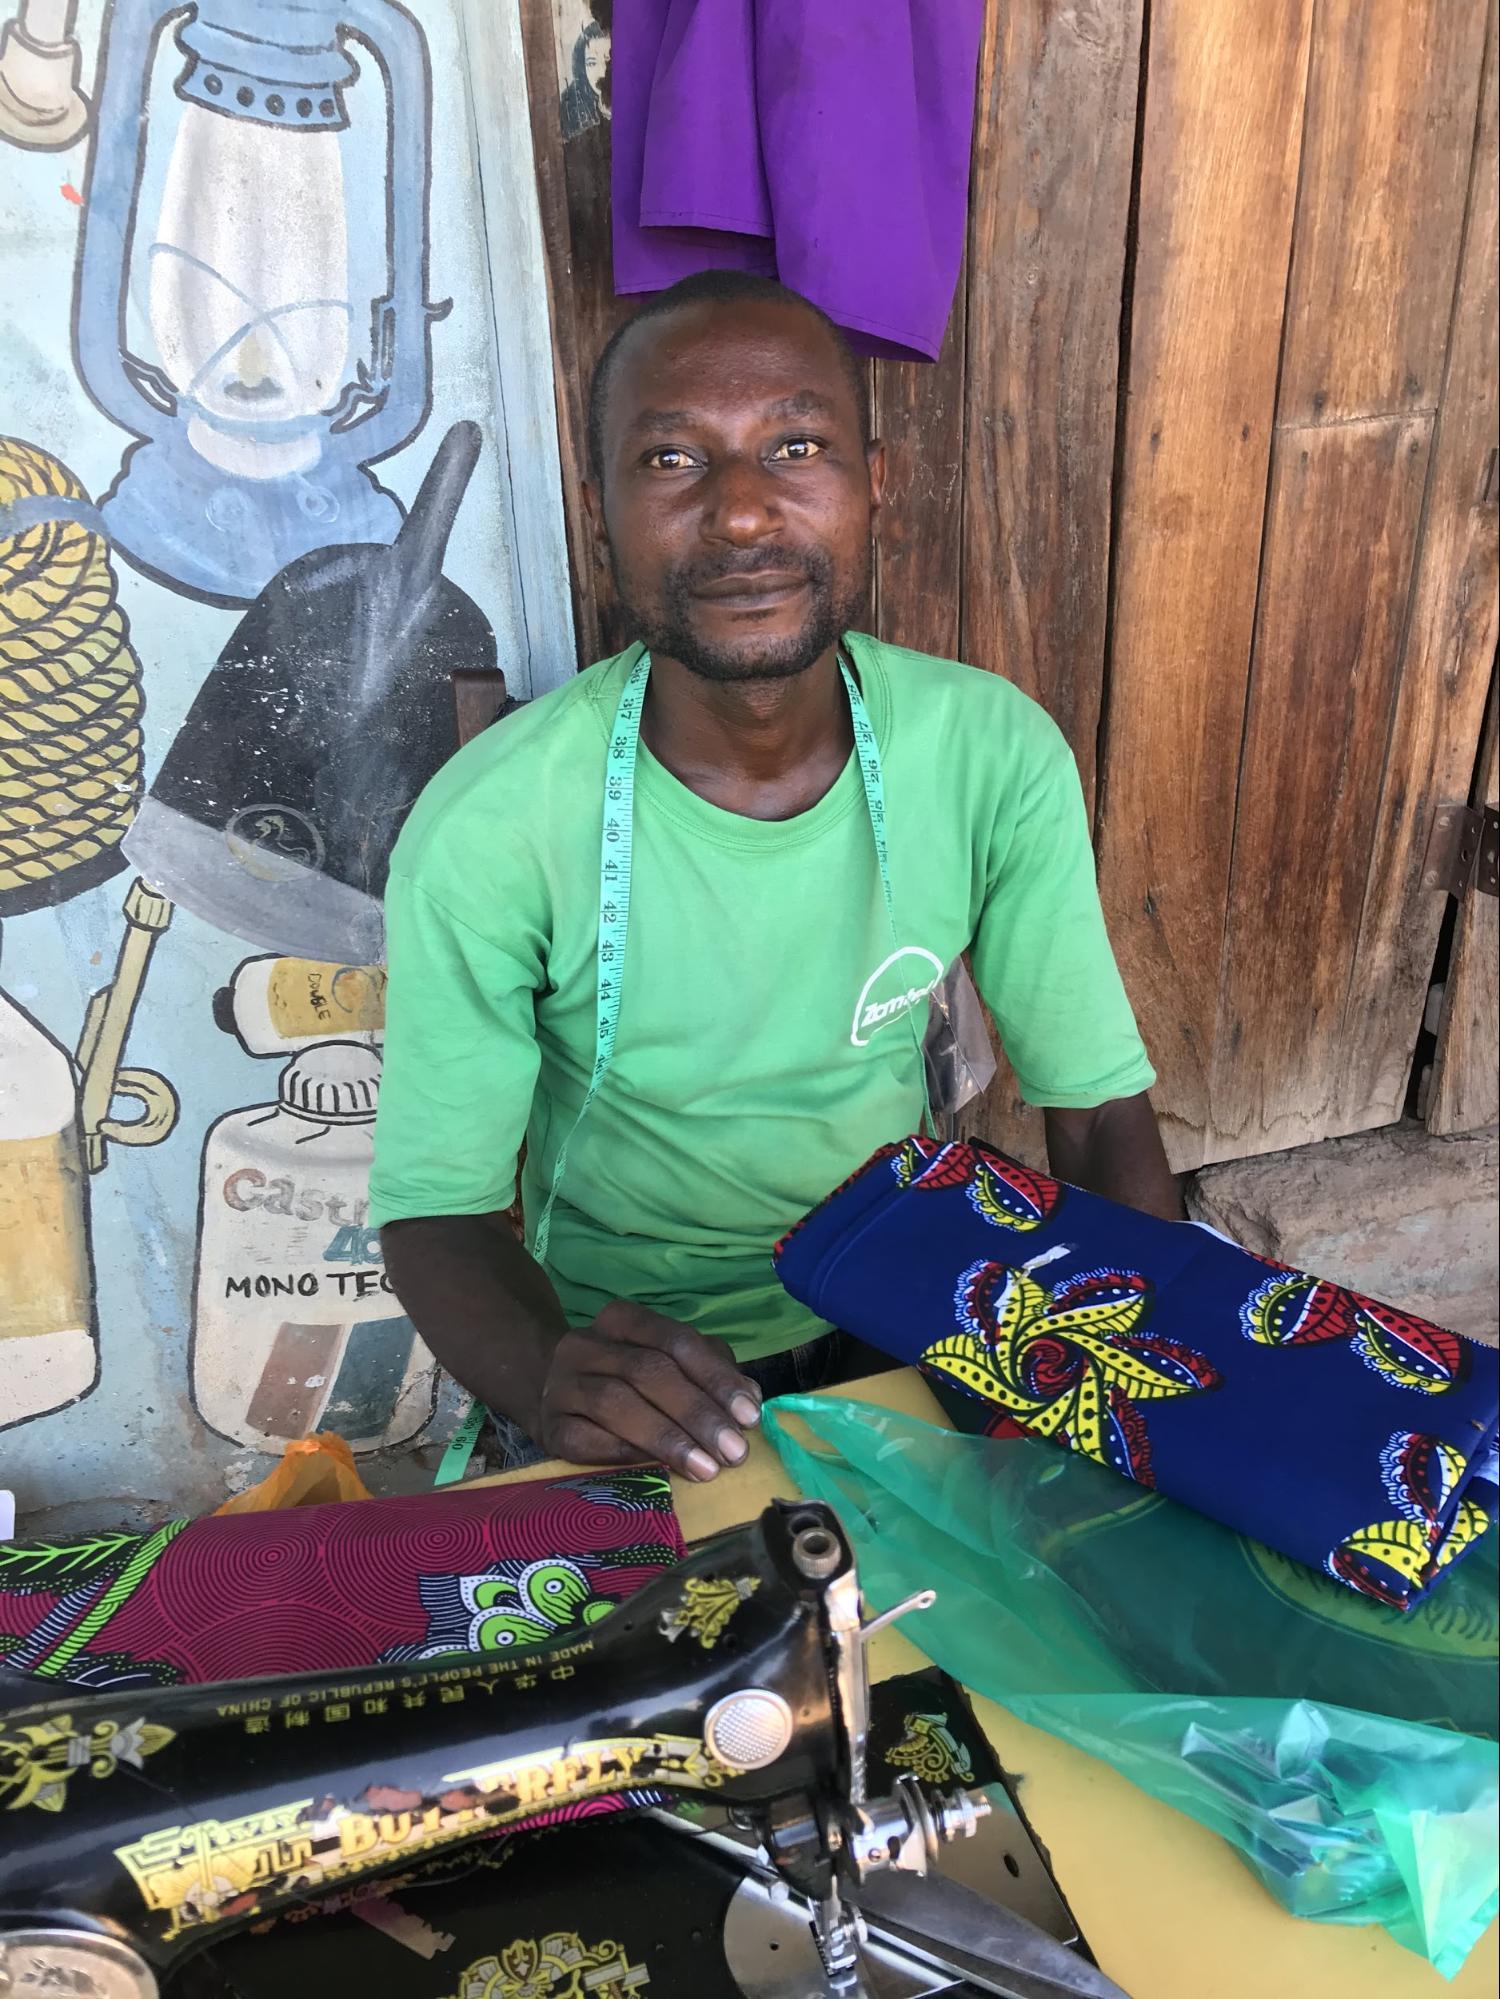 青空テーラー(仕立て屋)の男性。シャツをひとつ作る費用は25クワッチャ(250円)。どうやって生活しているのか。私の勝手な心配をよそに彼の表情は明るい。